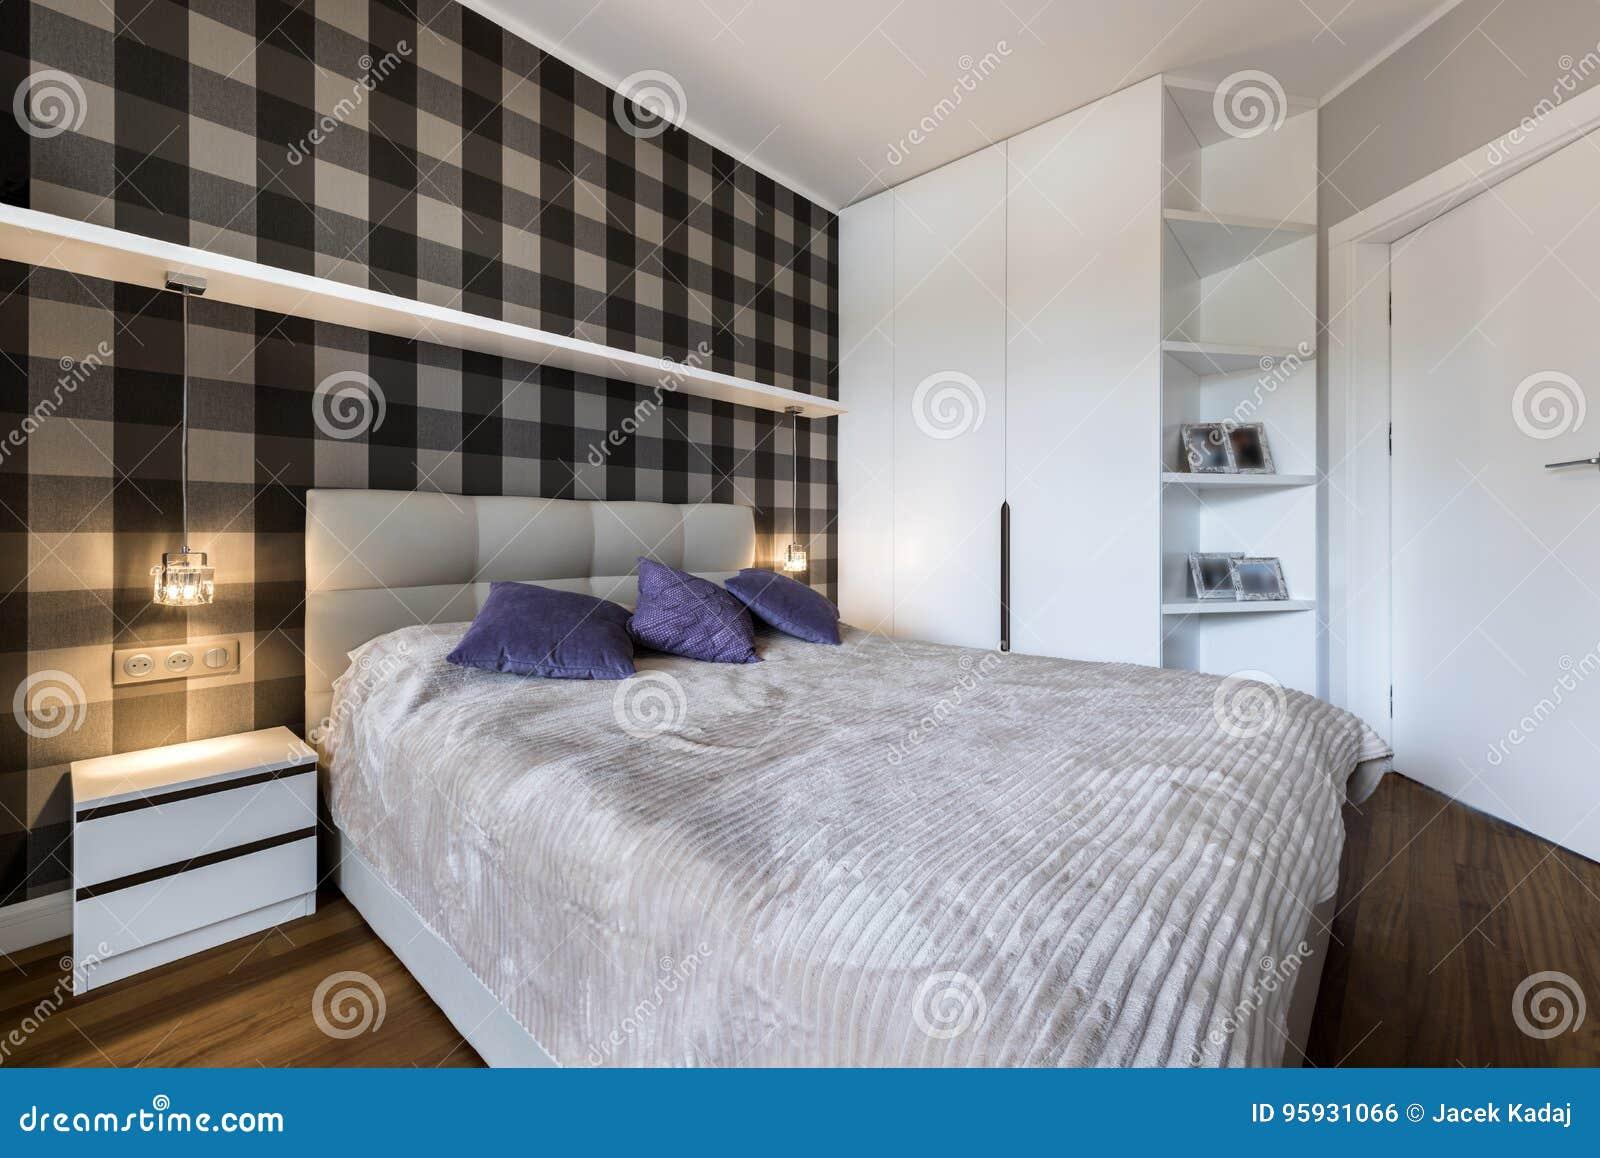 Chambre A Coucher Moderne Avec Le Modele De Controleur Photo Stock